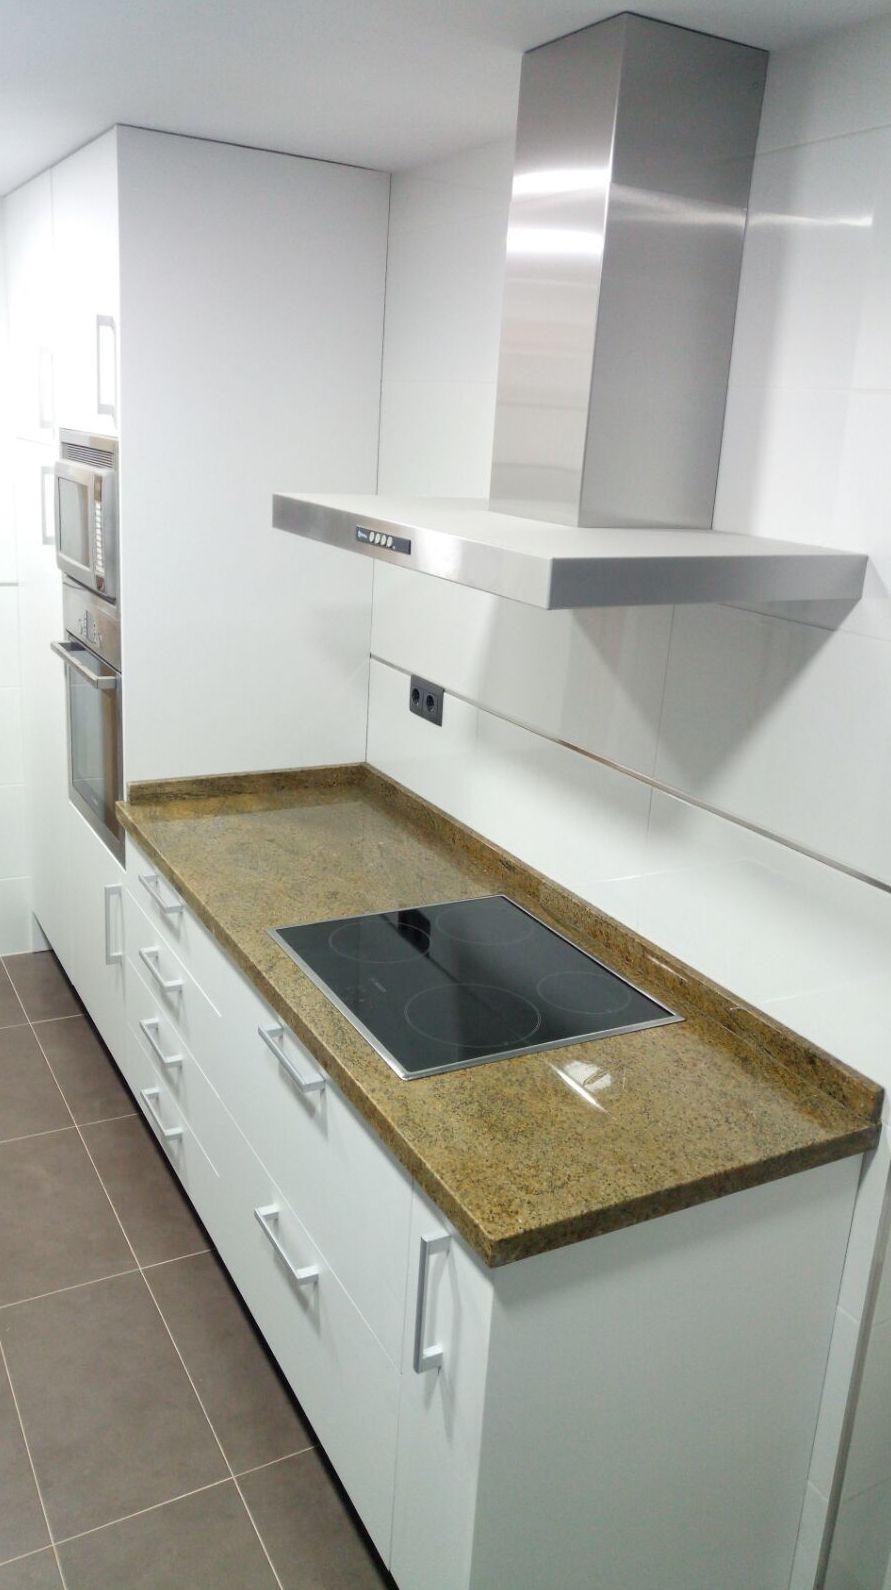 Foto 7 de Muebles a medida en Málaga | Mar Jiménez Diseño de Cocinas